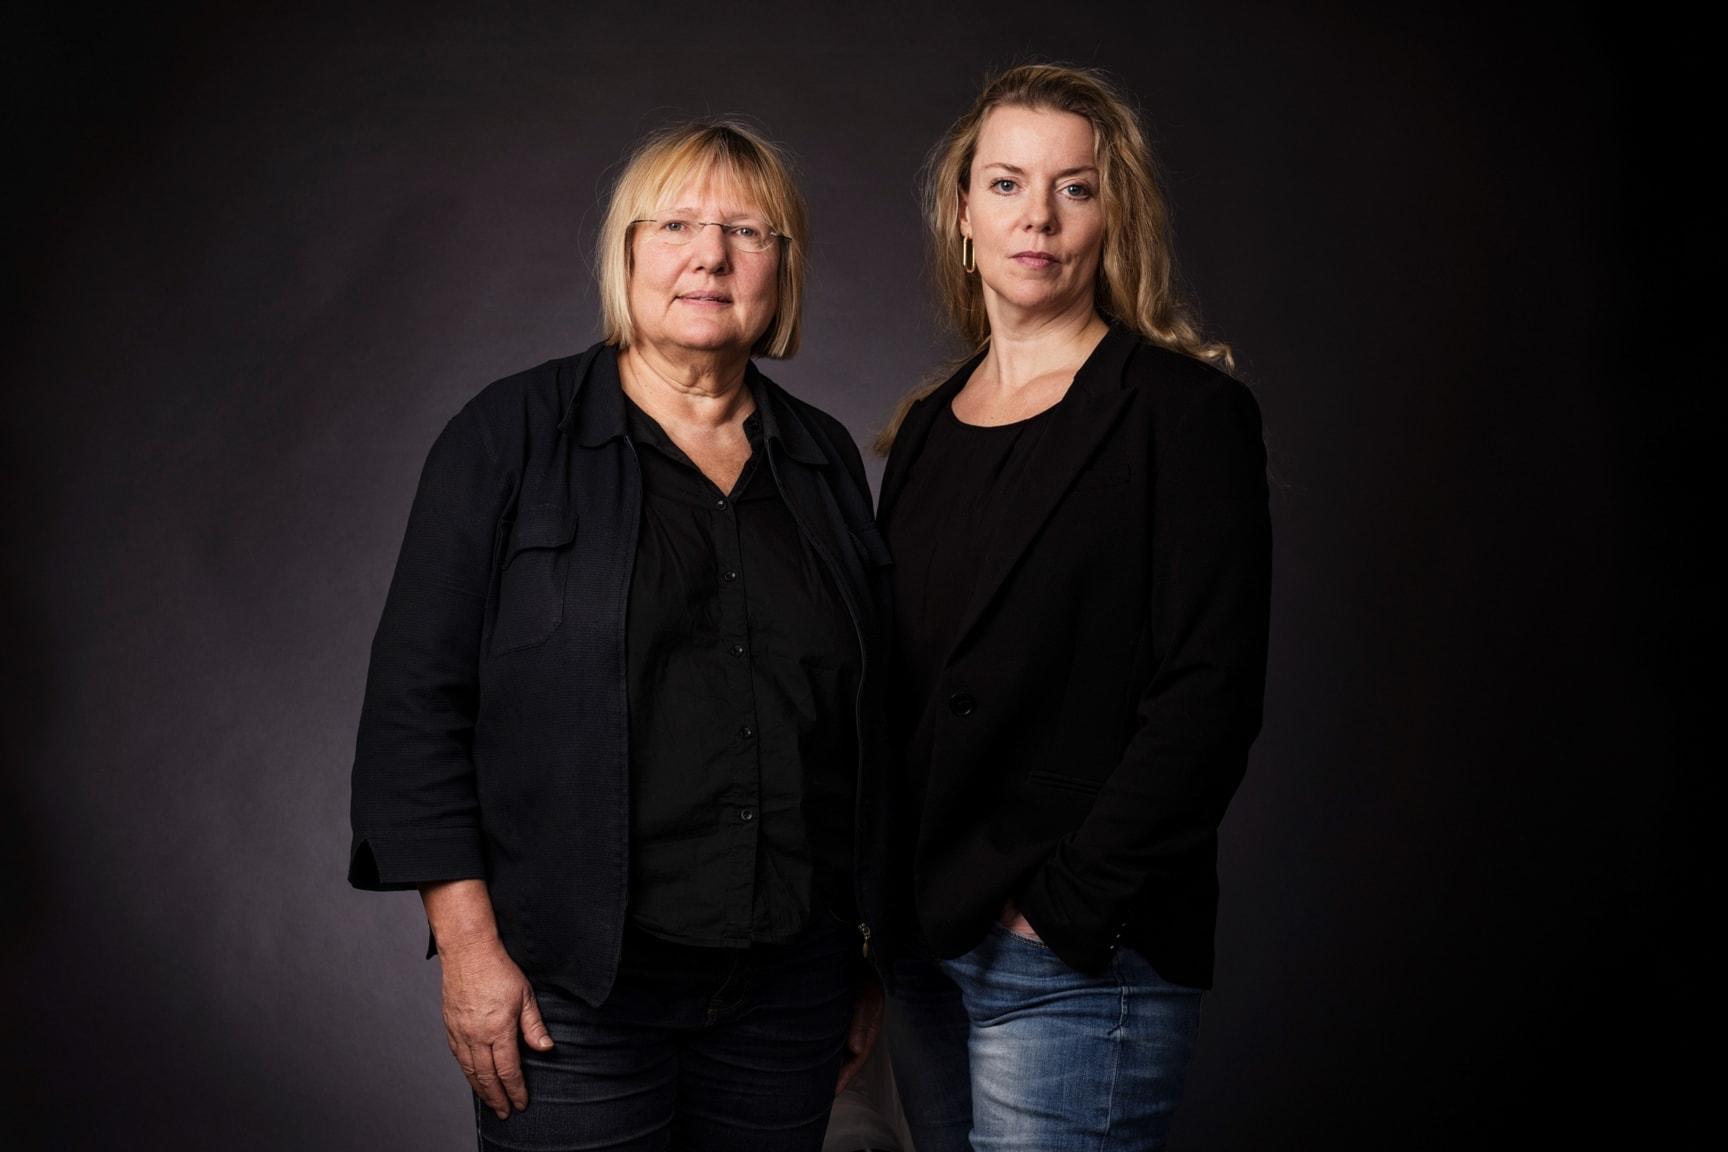 Gränskontrollerna - ett åbäke för EU och den svenska regeringen